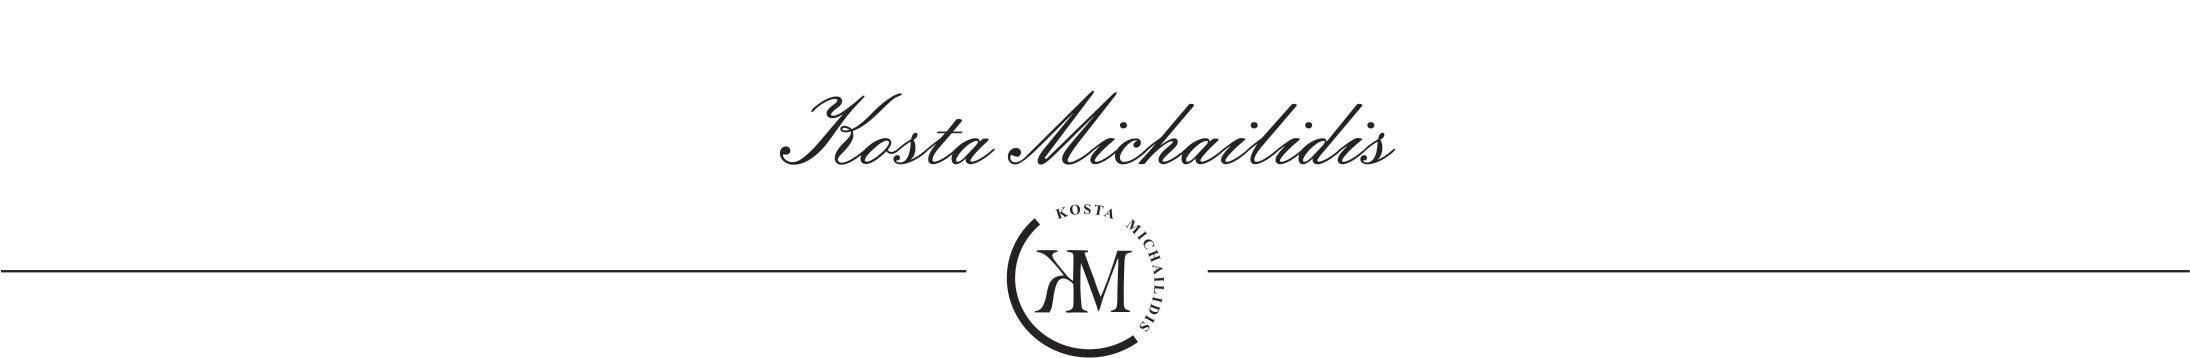 Kosta logo letter